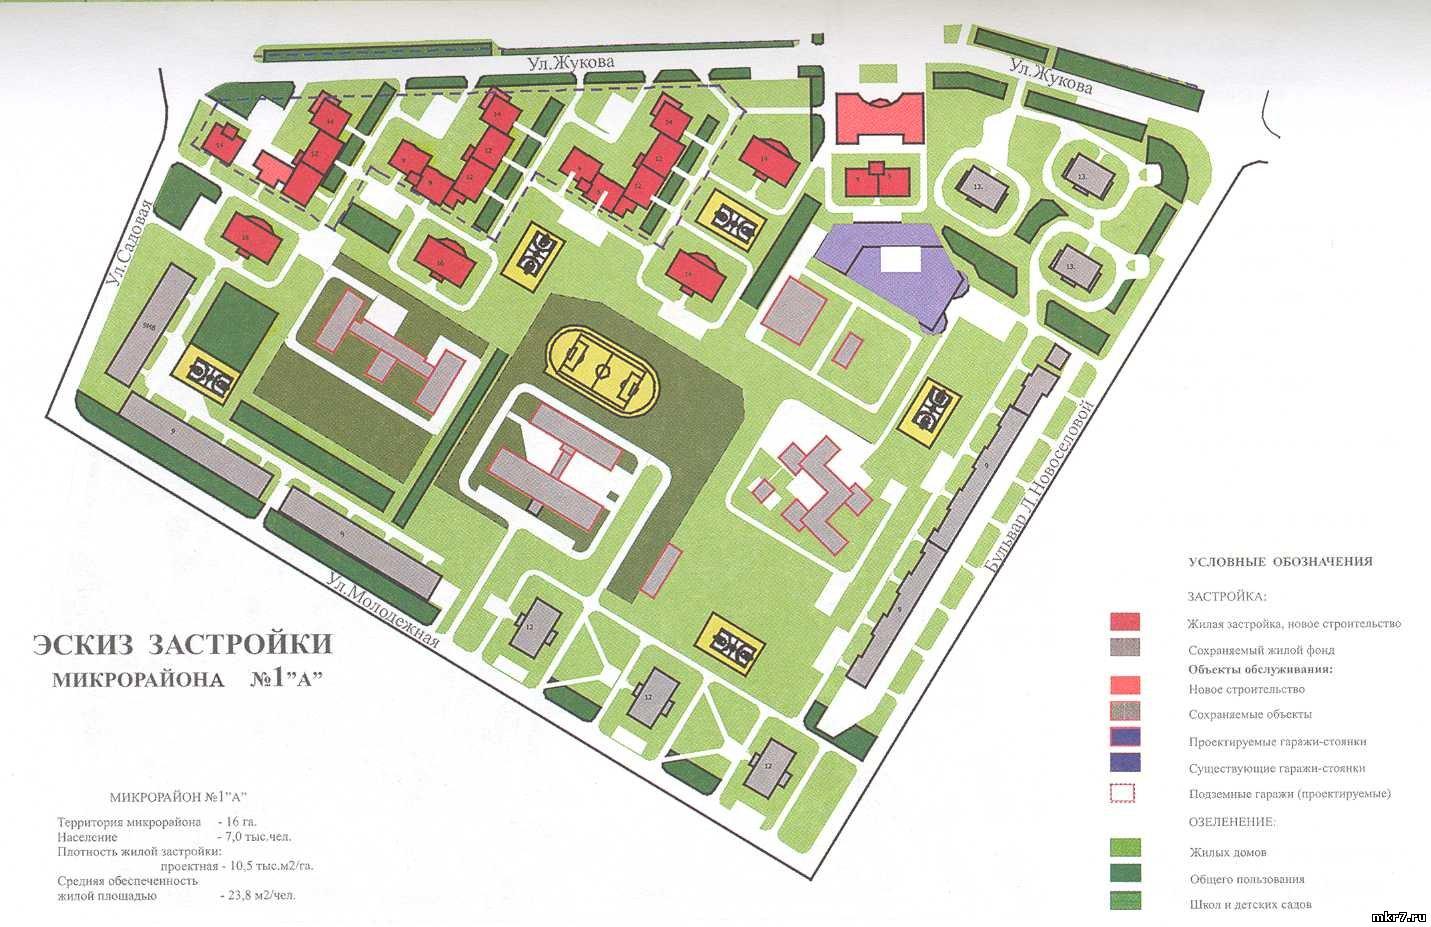 Картинка карты микрорайона